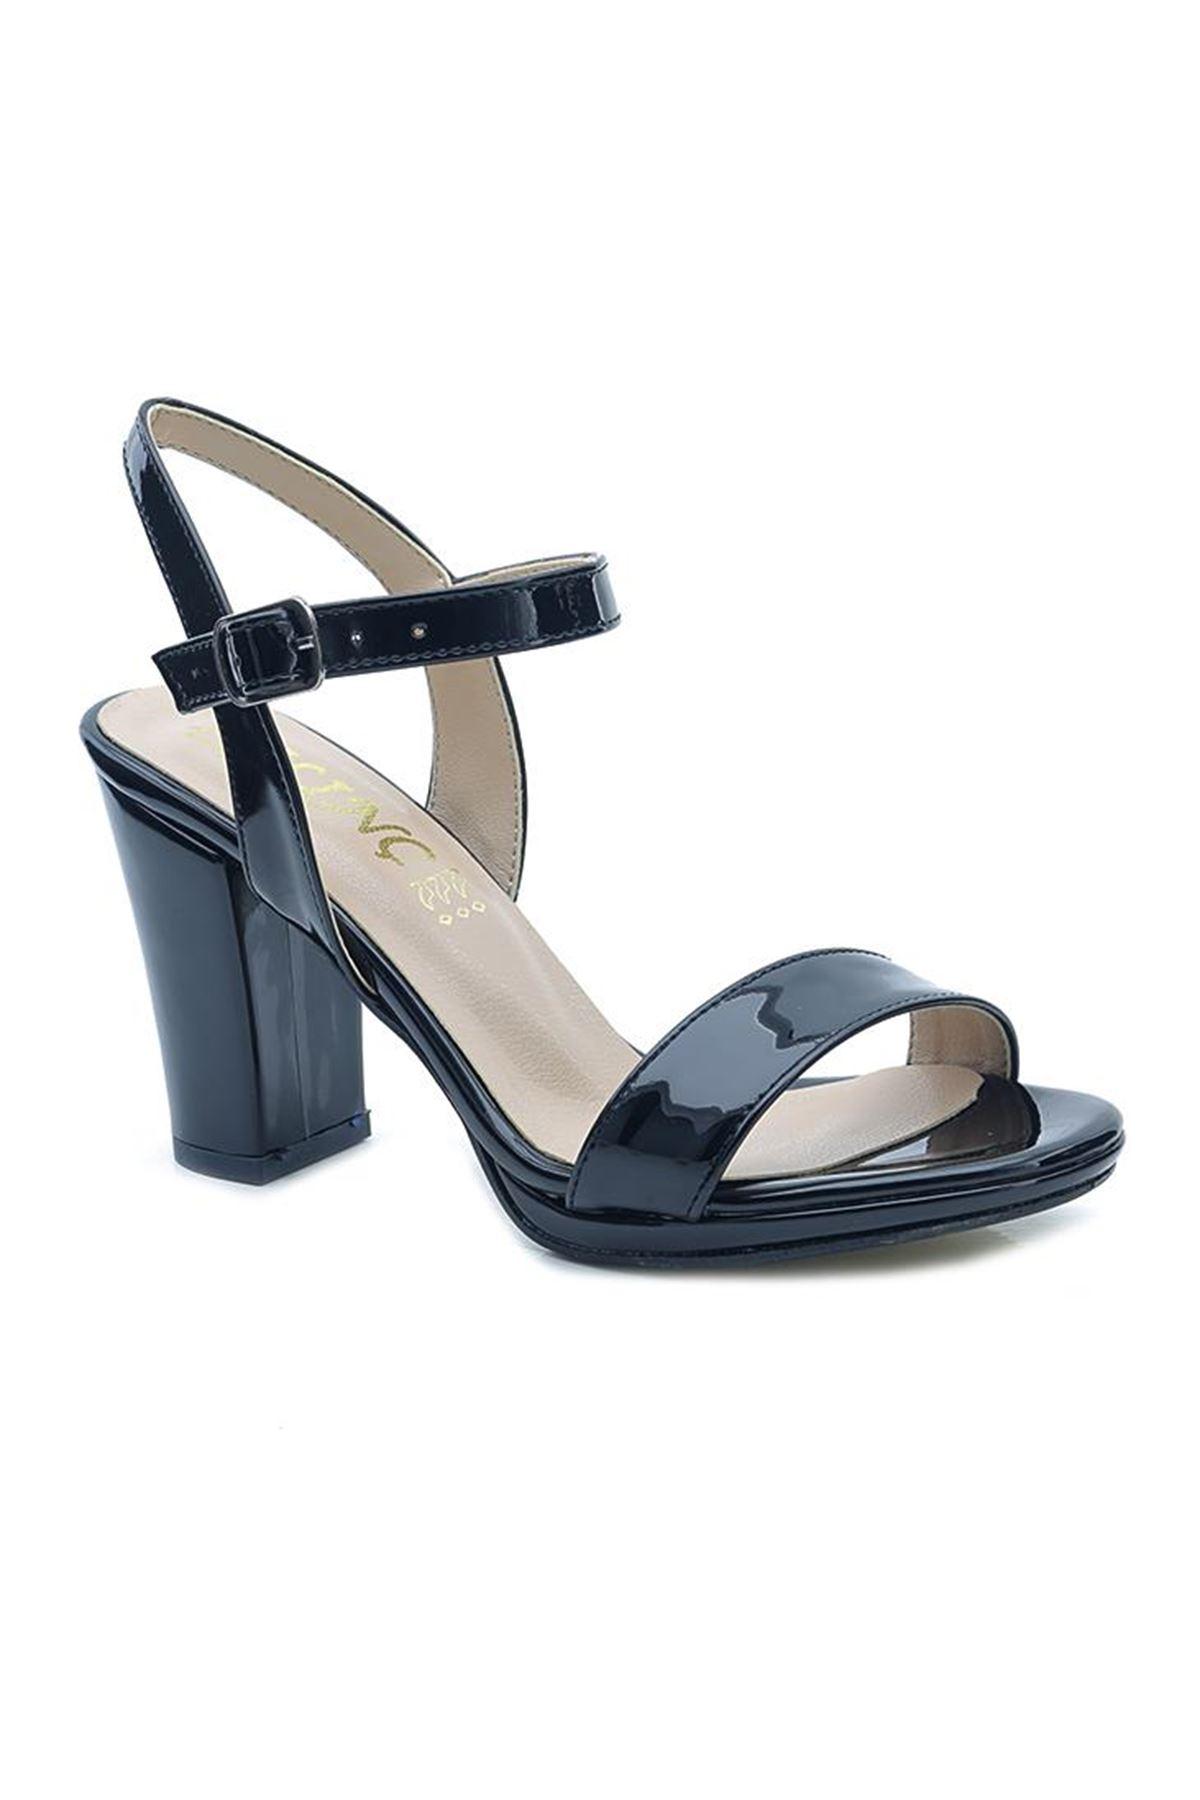 KLC Parlak Tek Bant Kare Topuk Bayan Ayakkabı